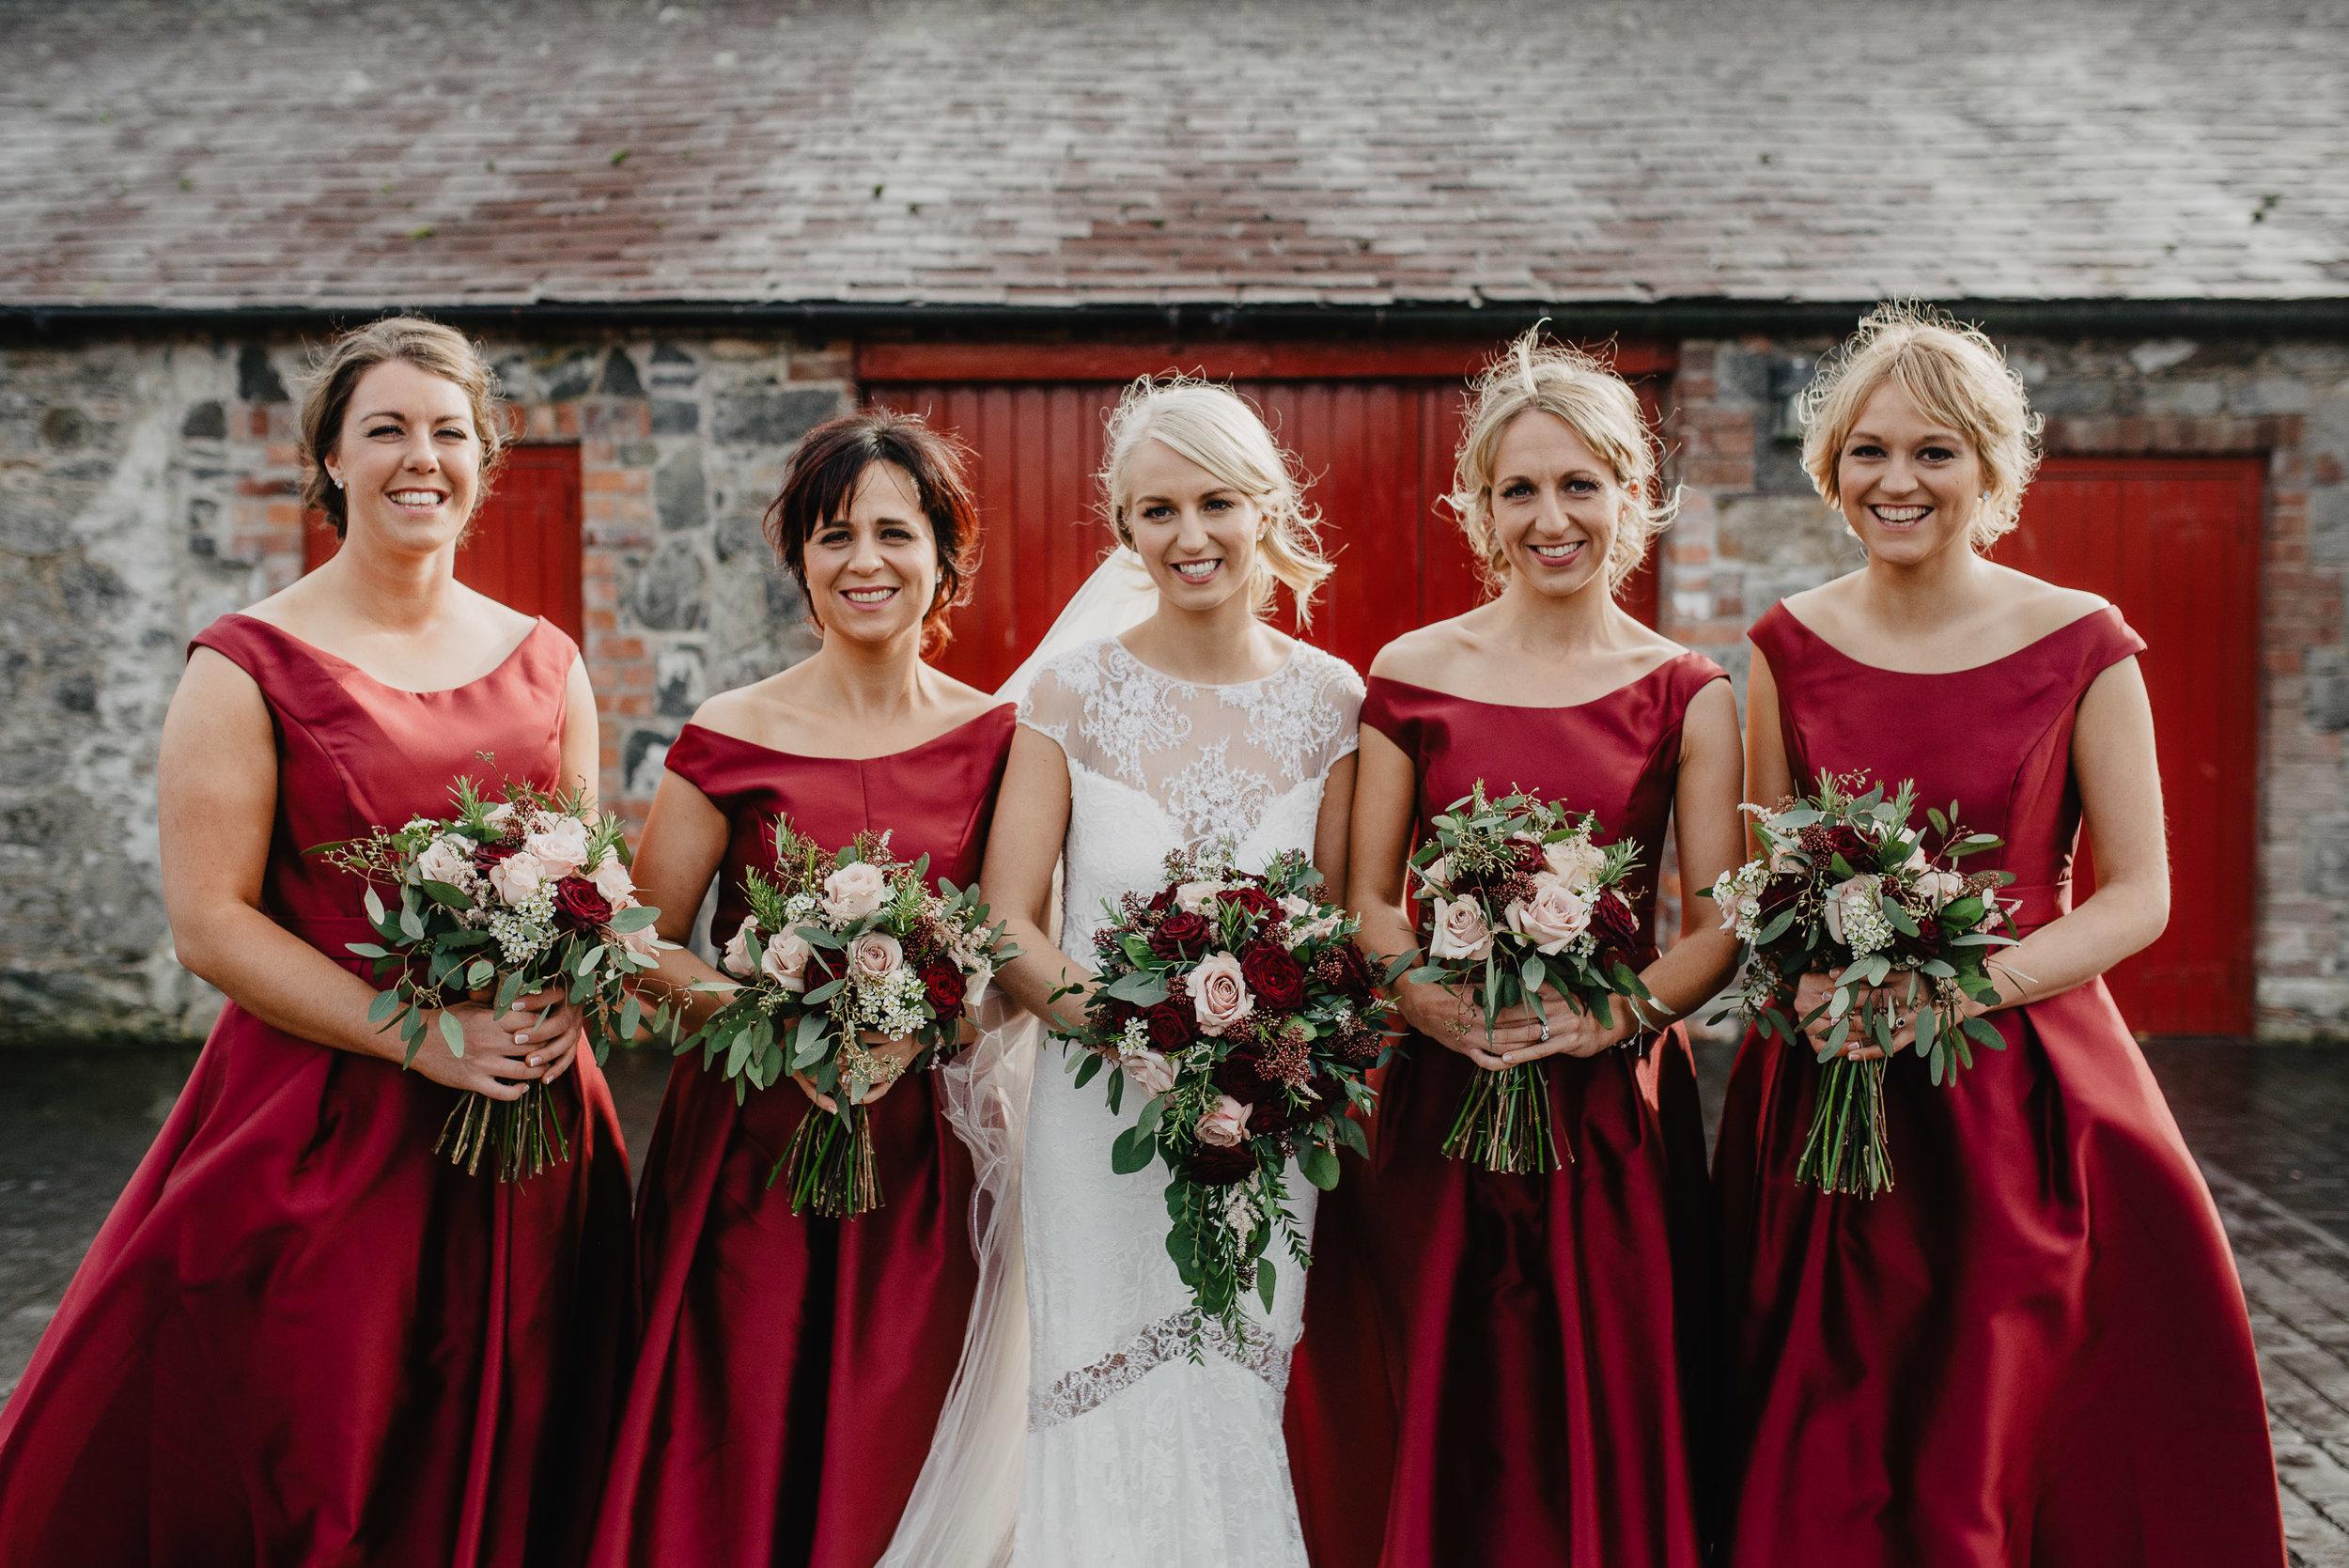 larchfield estate wedding photos-112.jpg